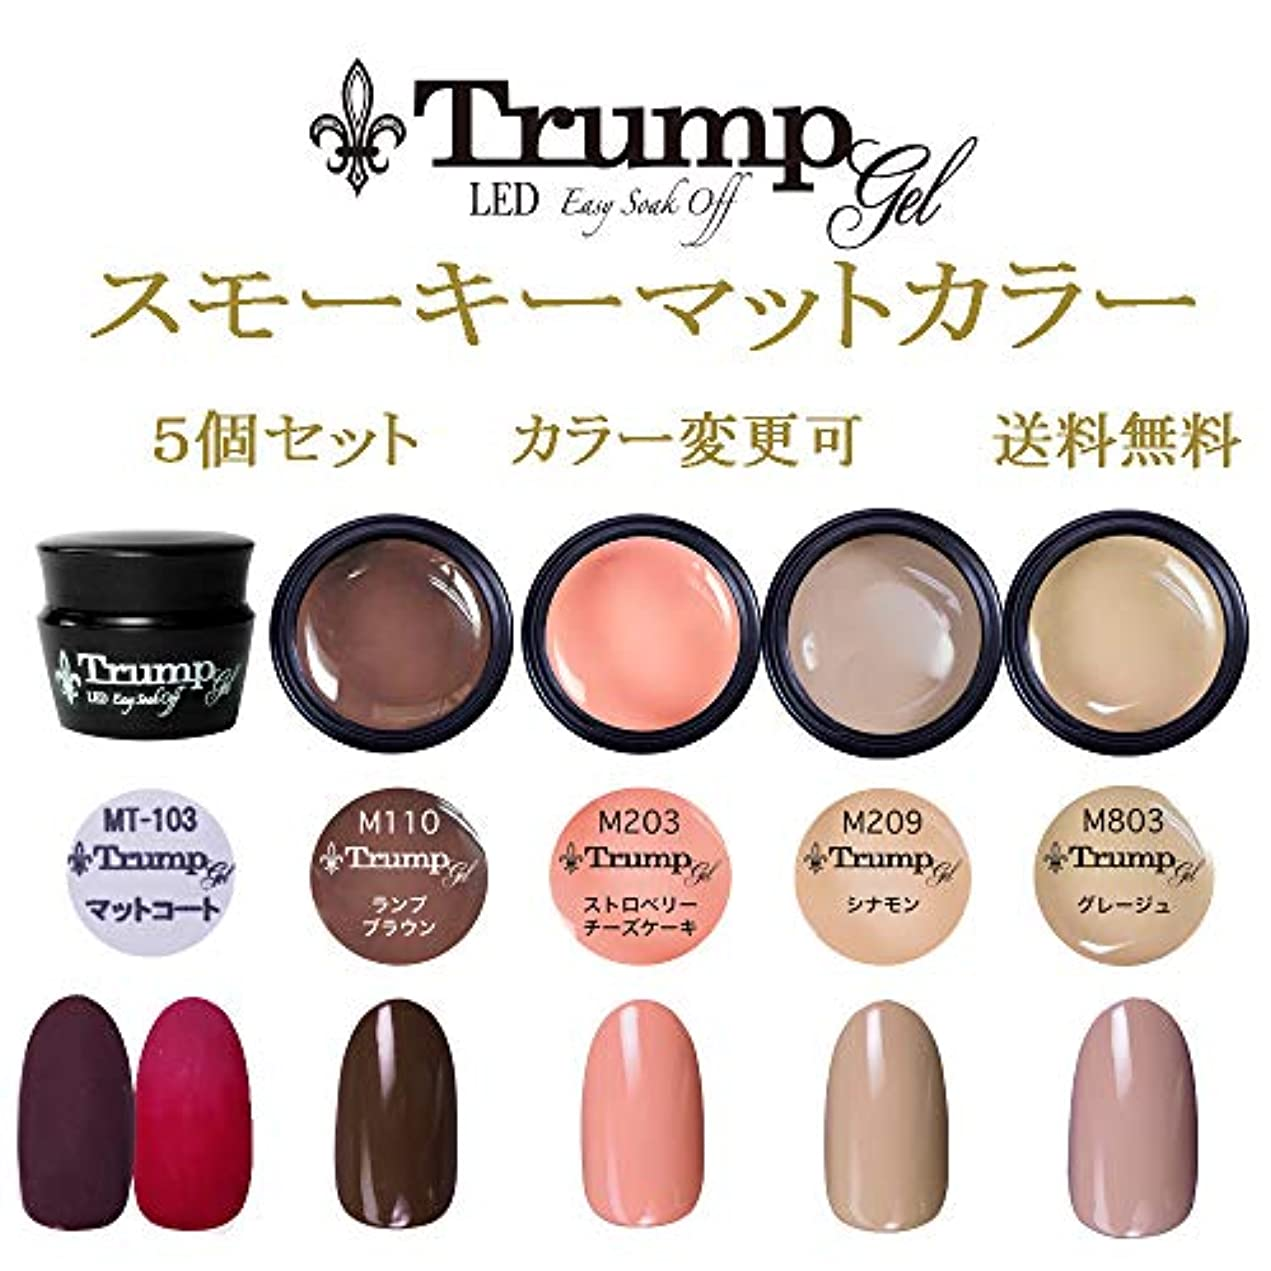 ピンポイント推測麦芽【送料無料】日本製 Trump gel トランプジェル スモーキーマット カラージェル 5個セット 魅惑のフロストマットトップとマットに合う人気カラーをチョイス